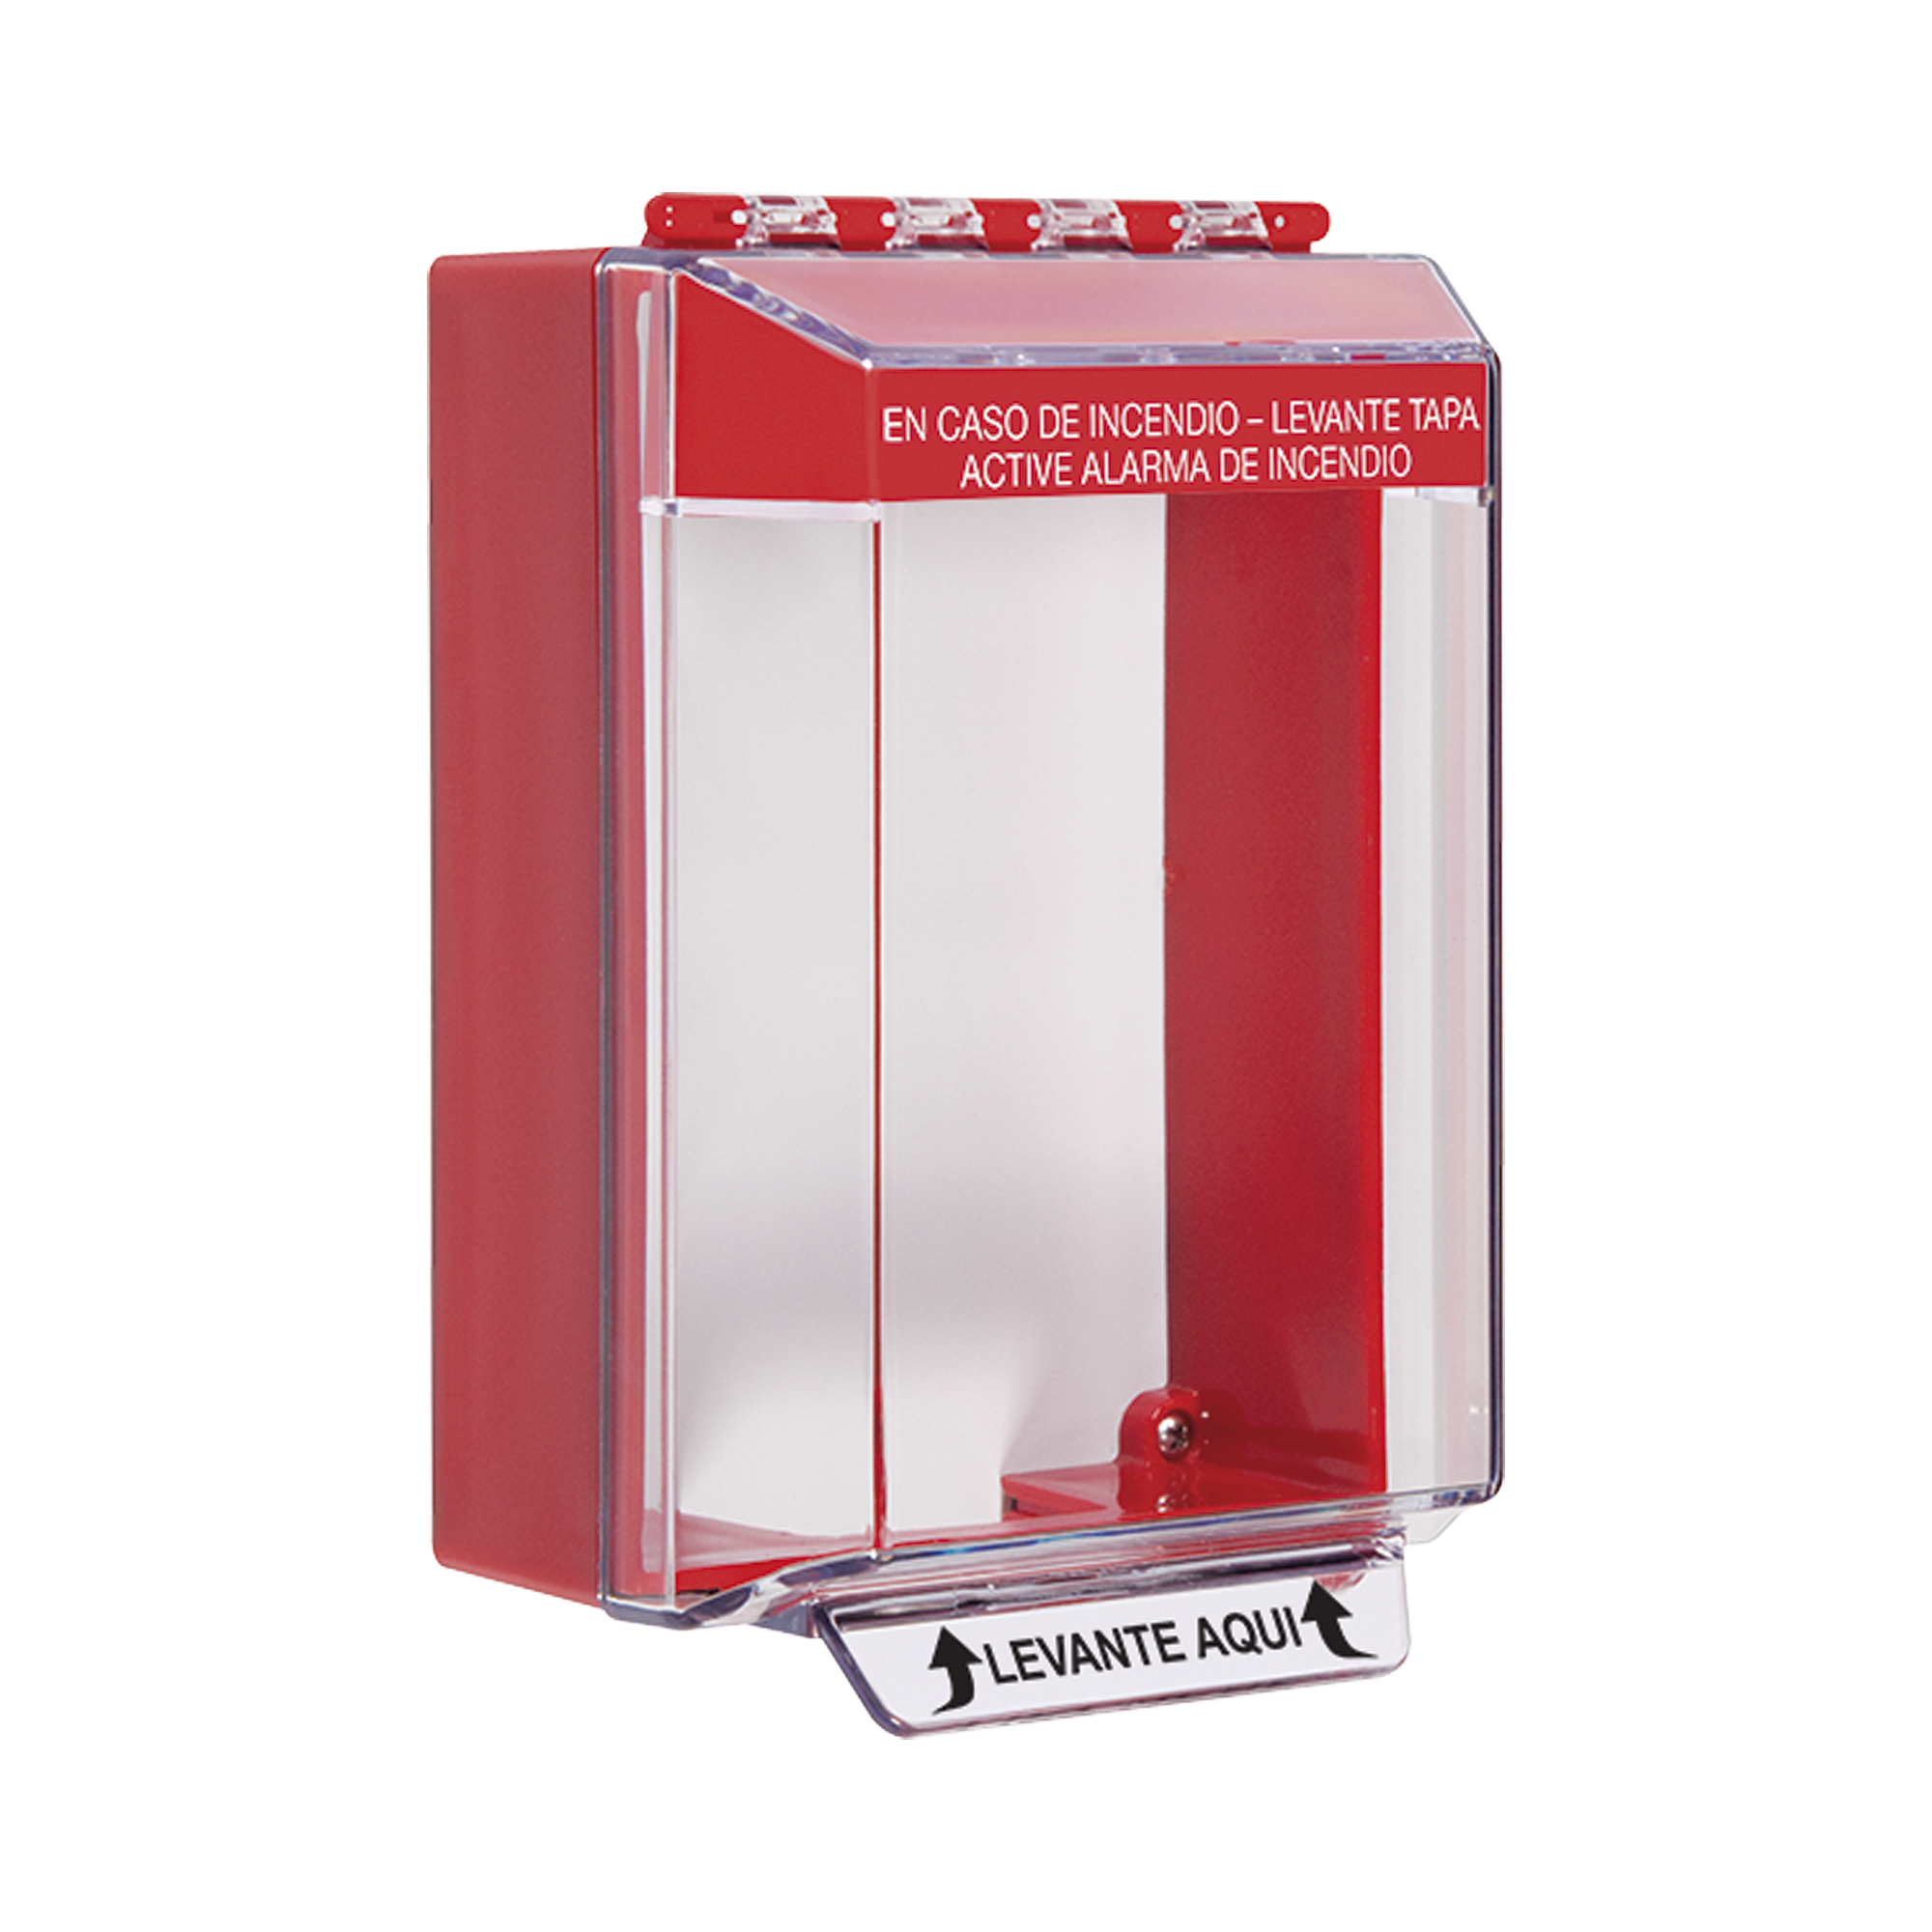 Cubierta Universal Transparente, de Bajo Perfil, con Espaciador, Texto de Incendio en Español, Notificación Audible y Visible